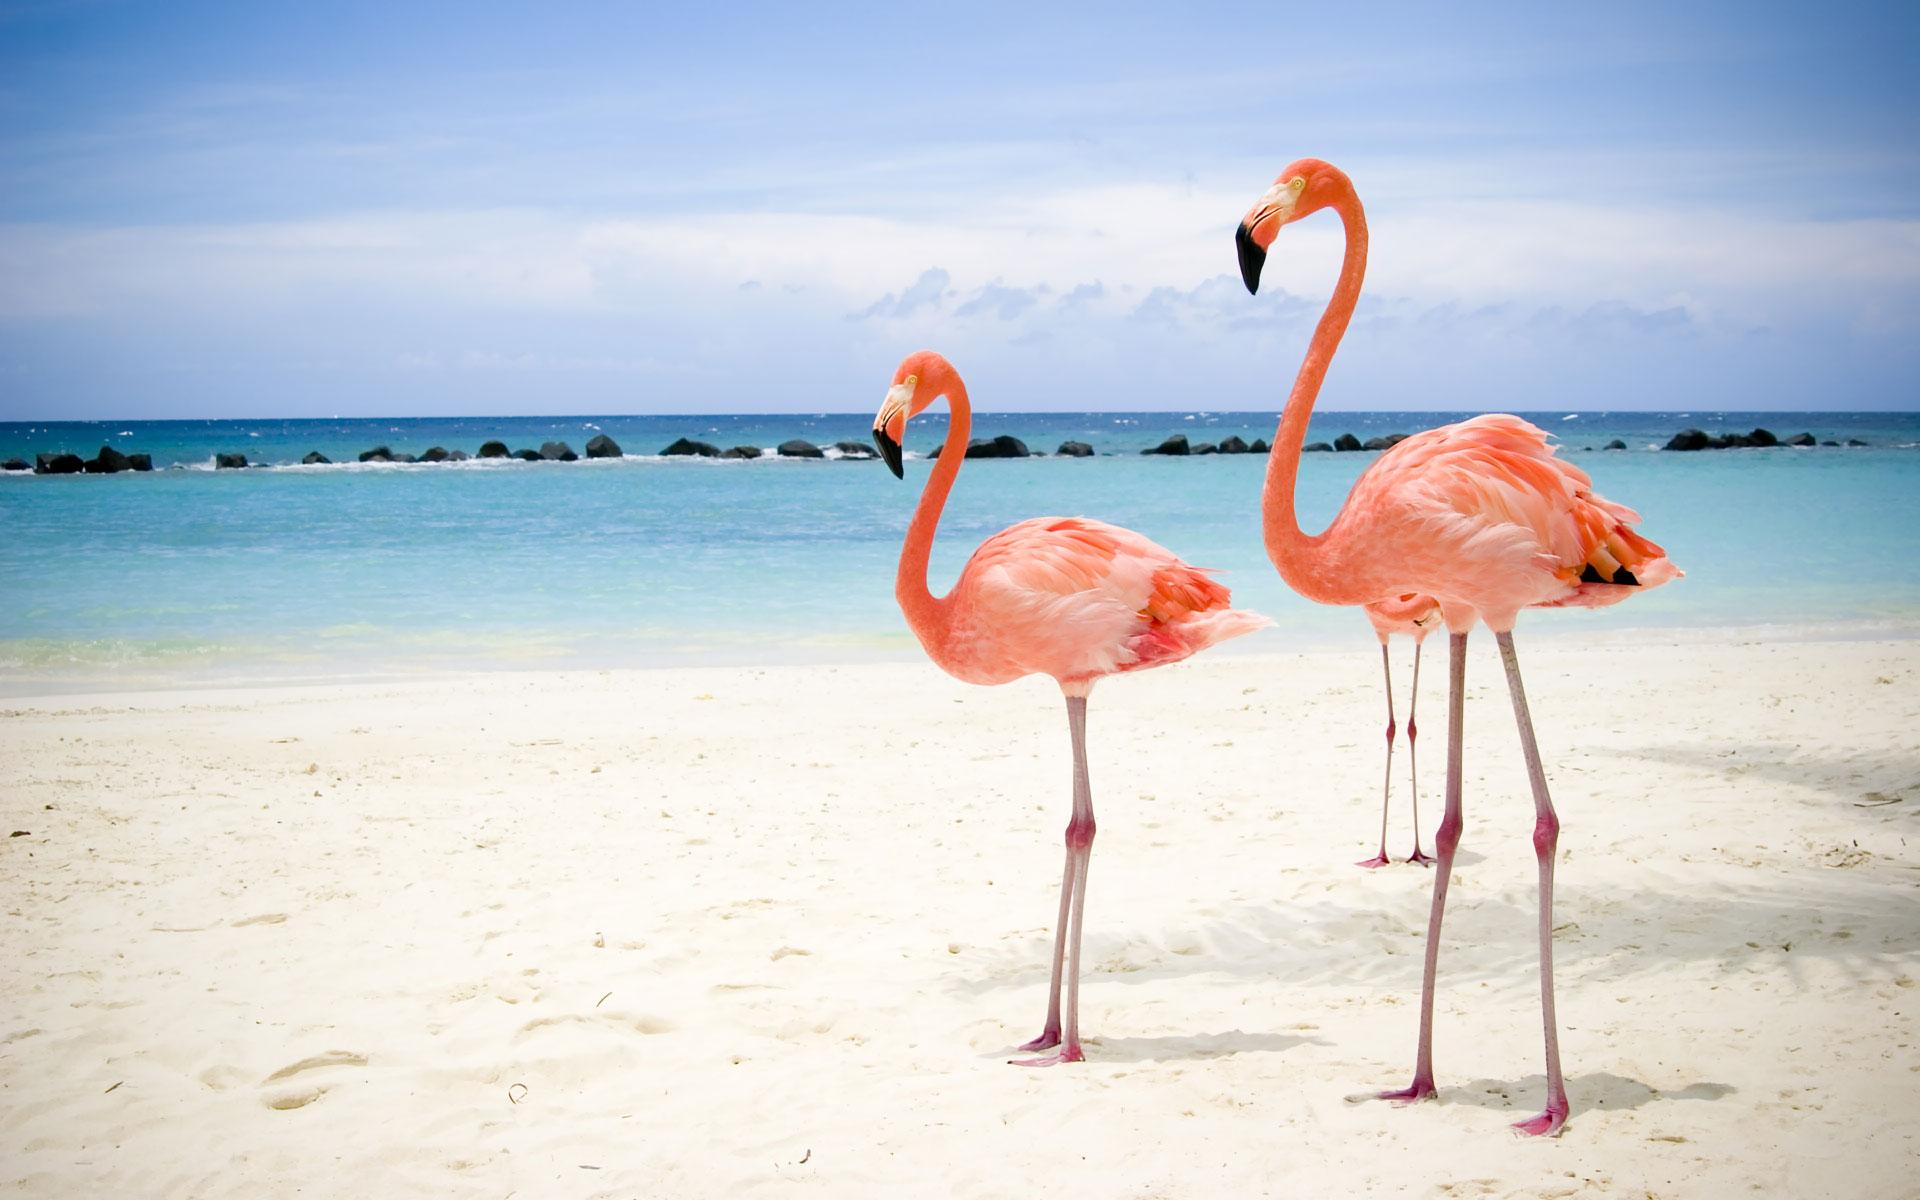 птицы фламинго на берегу моря, пляж, песок, скачать фото, обои для рабочего стола, flamingo beach wallpaper